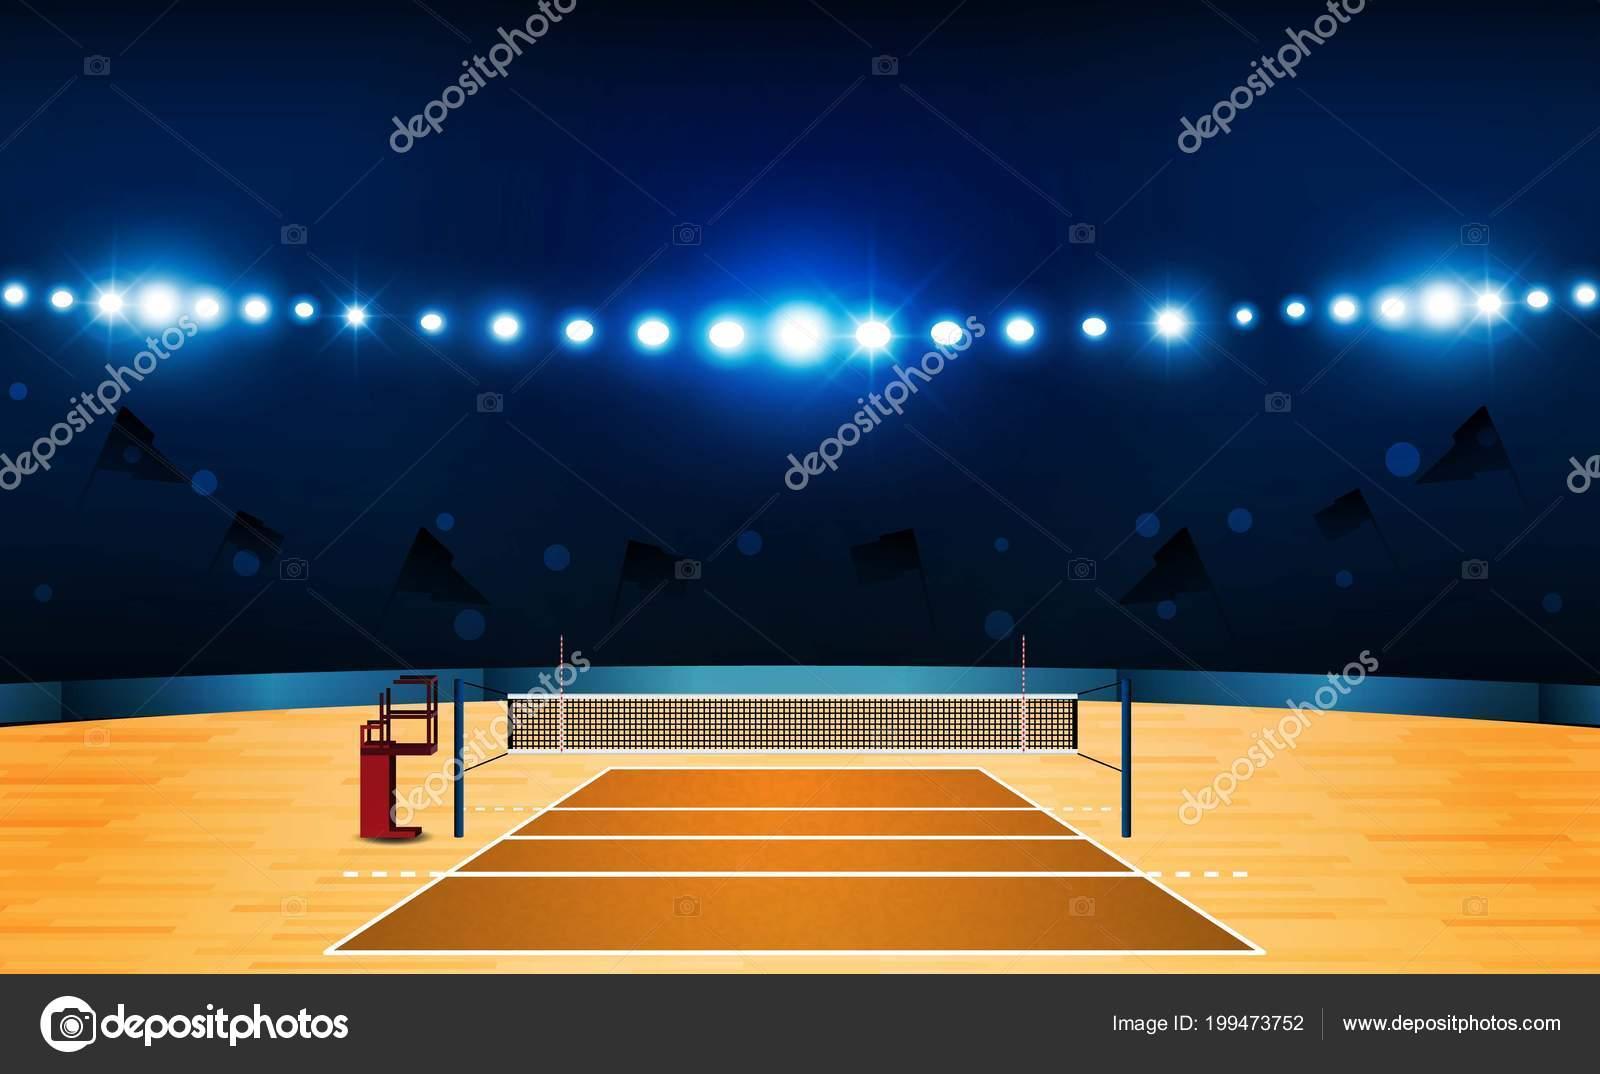 Campo pallavolo corte arena con disegno luci luminose stadio